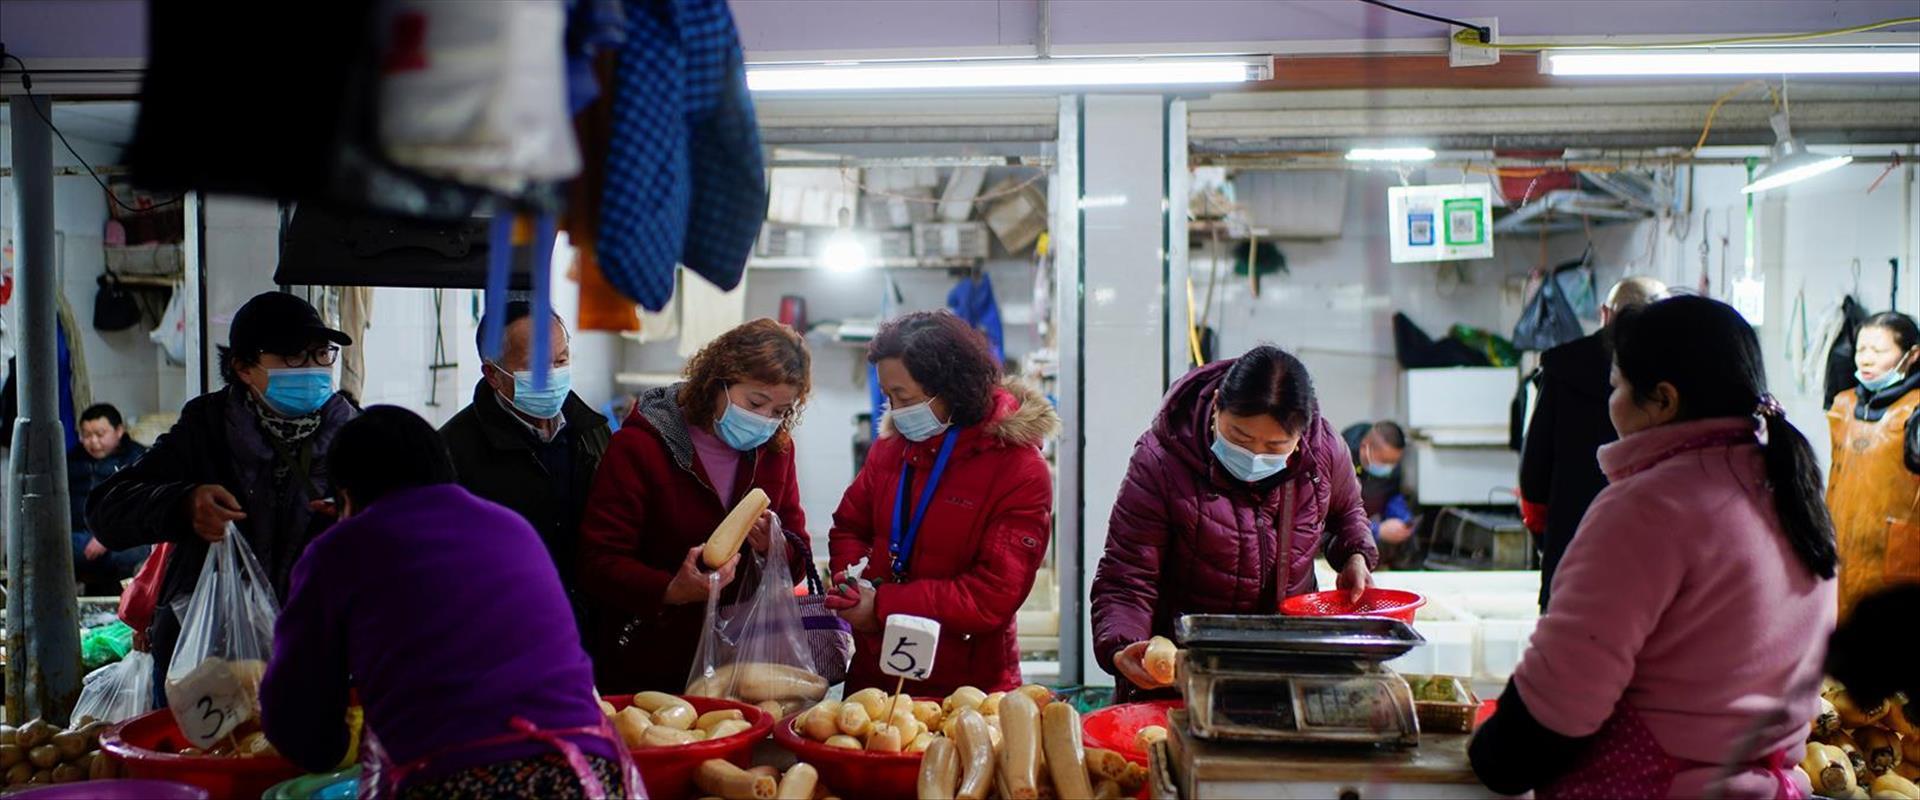 שוק בווהאן